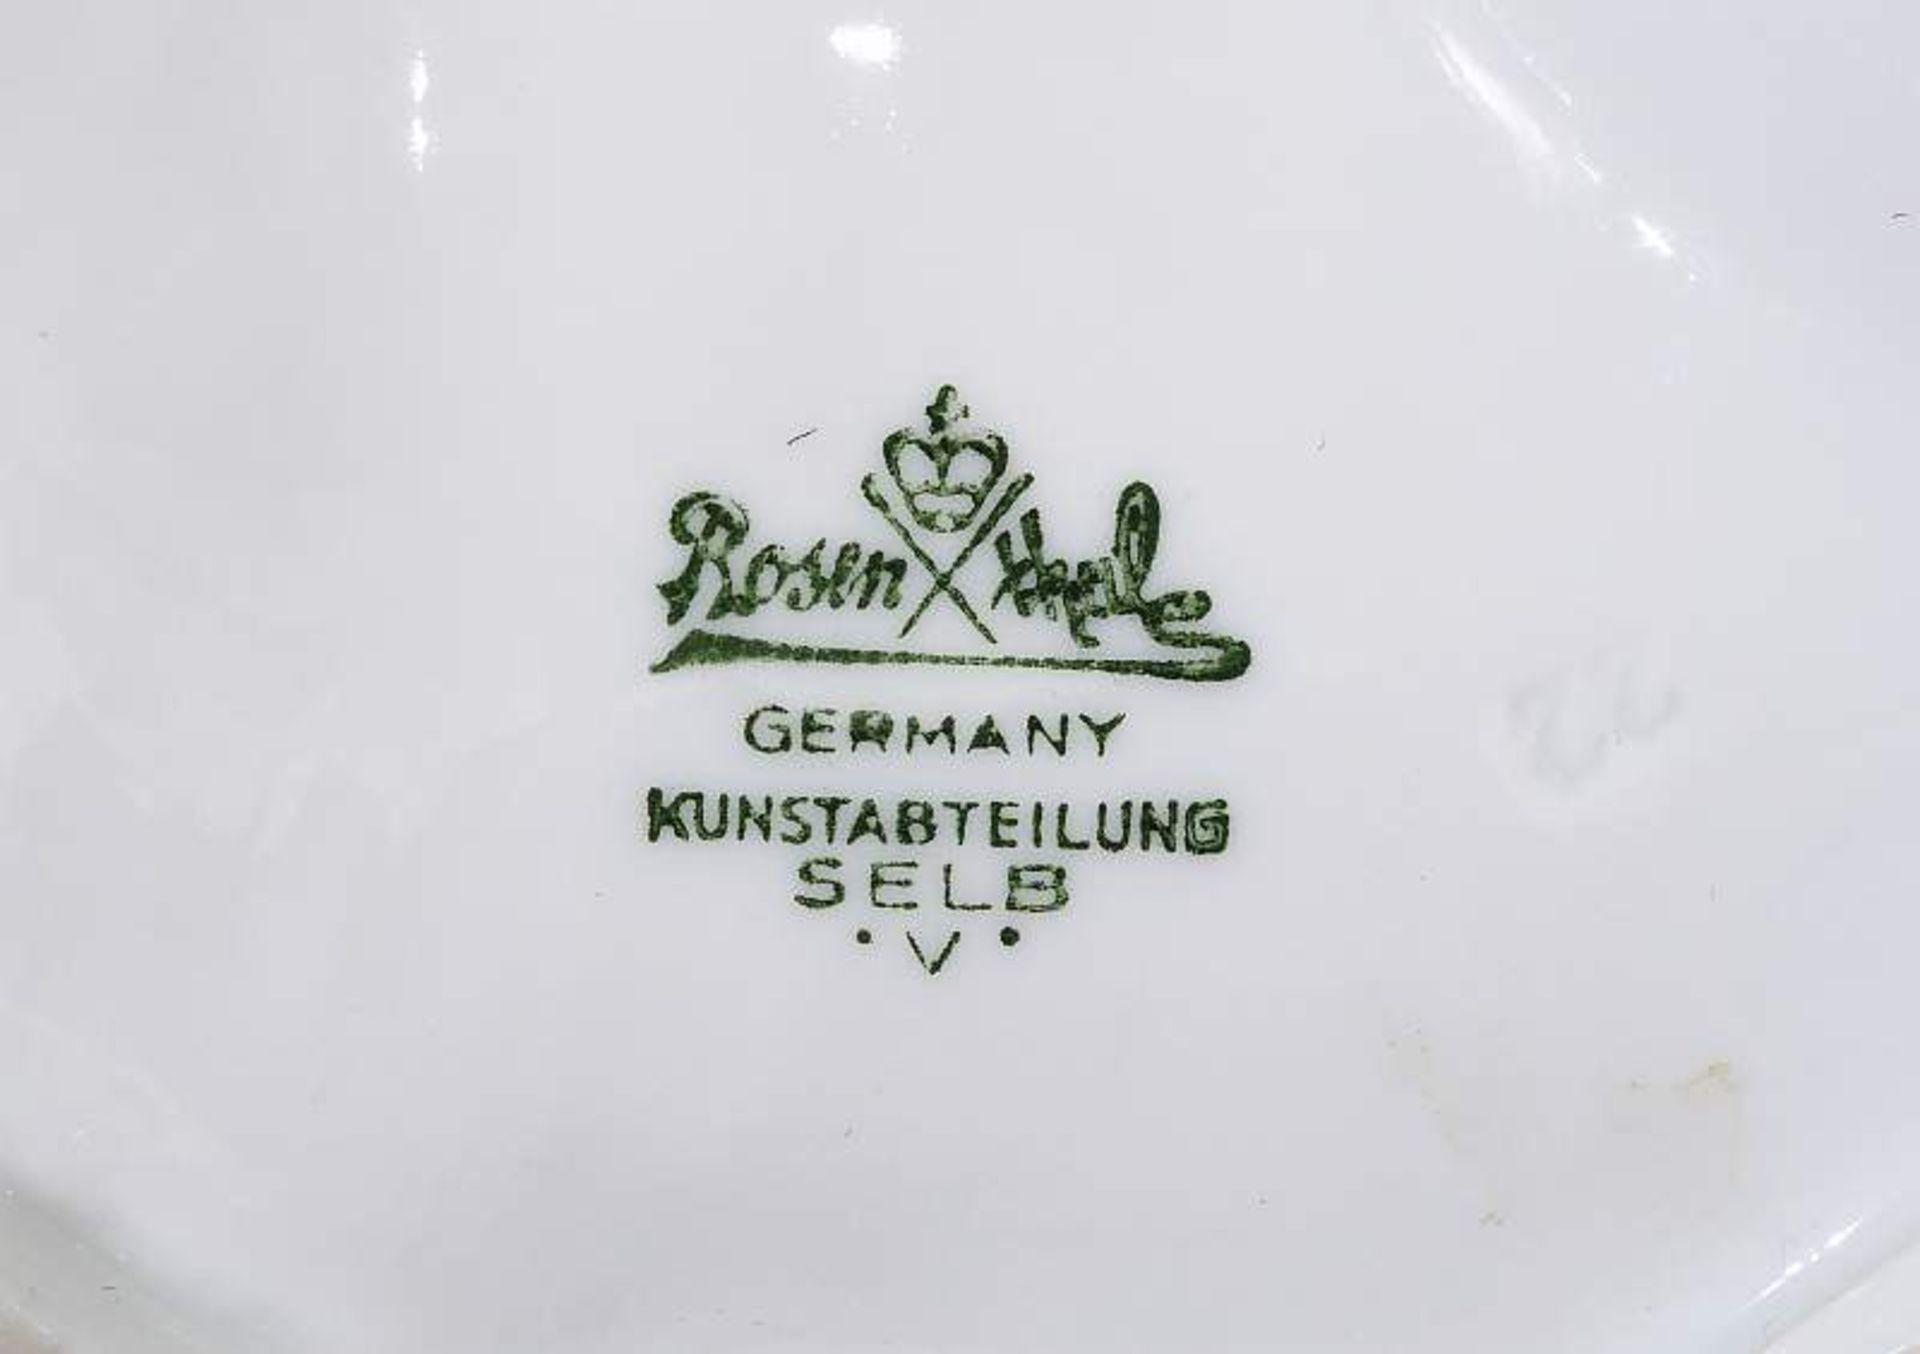 """Große Tierplastik """"Paradiesvogel"""". Große Tierplastik """"Paradiesvogel"""". ROSENTHAL Kunstabteilung Selb, - Bild 7 aus 8"""